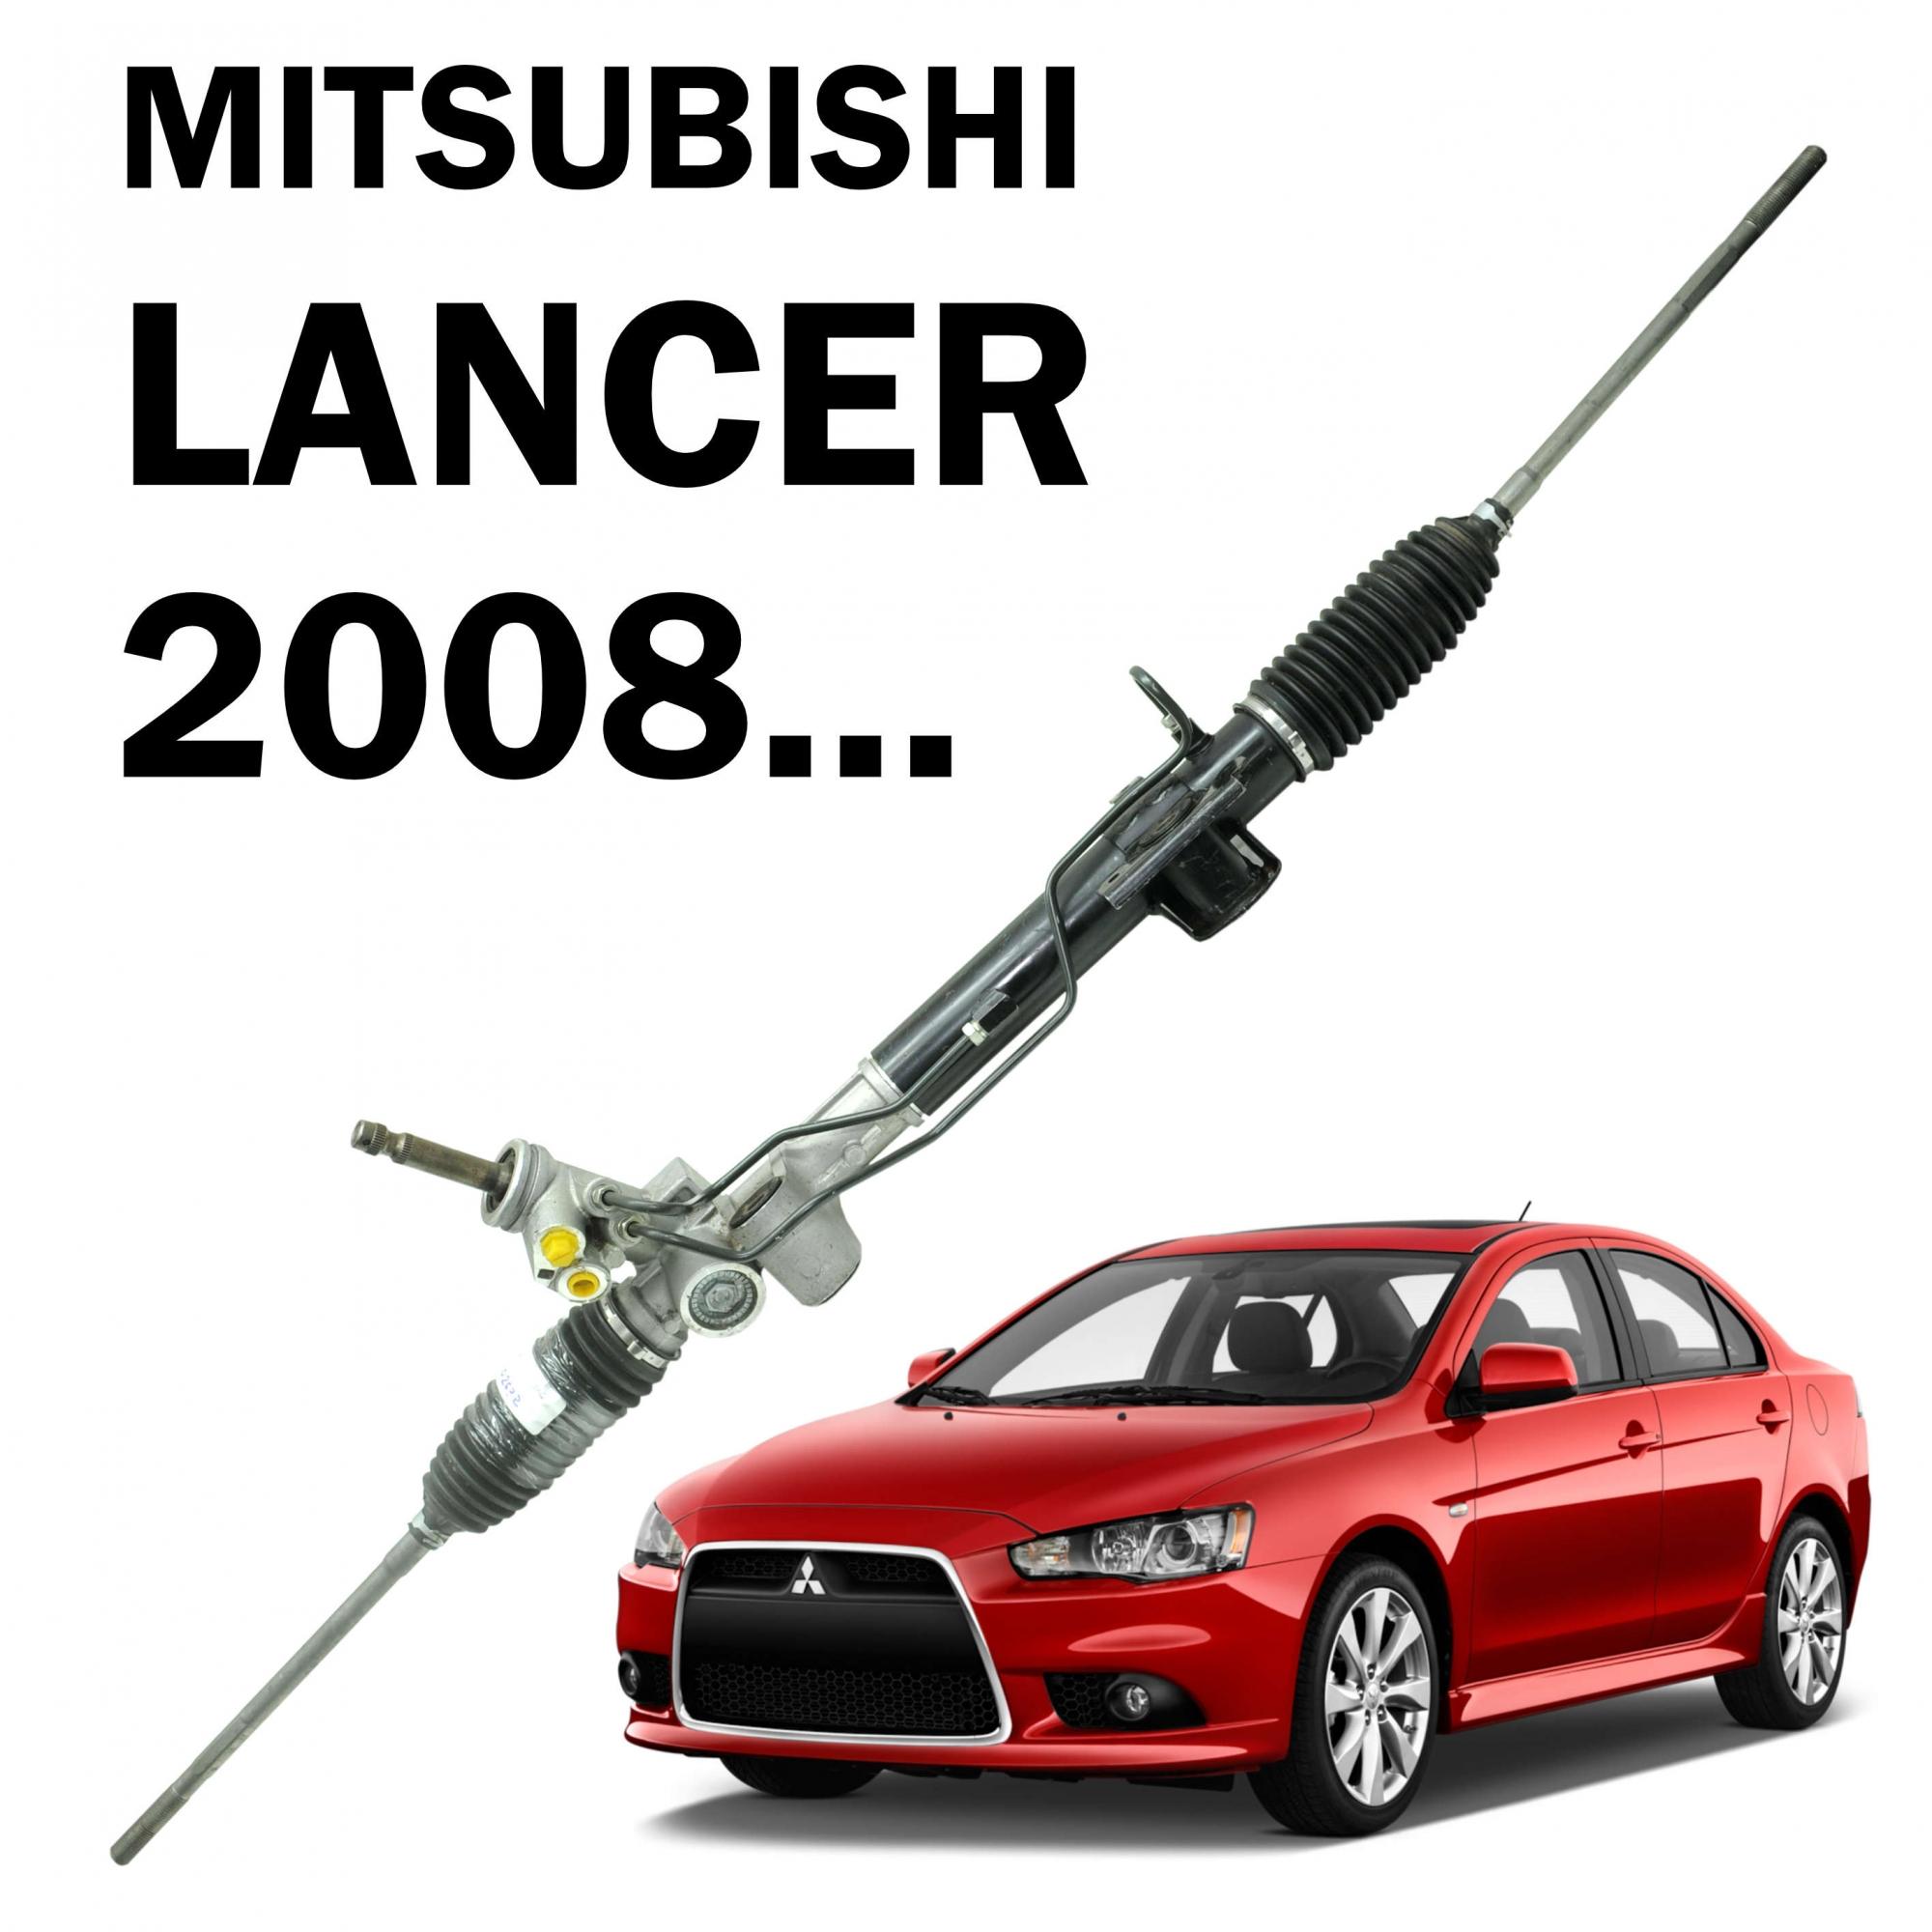 Caixa Direção Hidráulica Original Mitsubishi Lancer 2008...